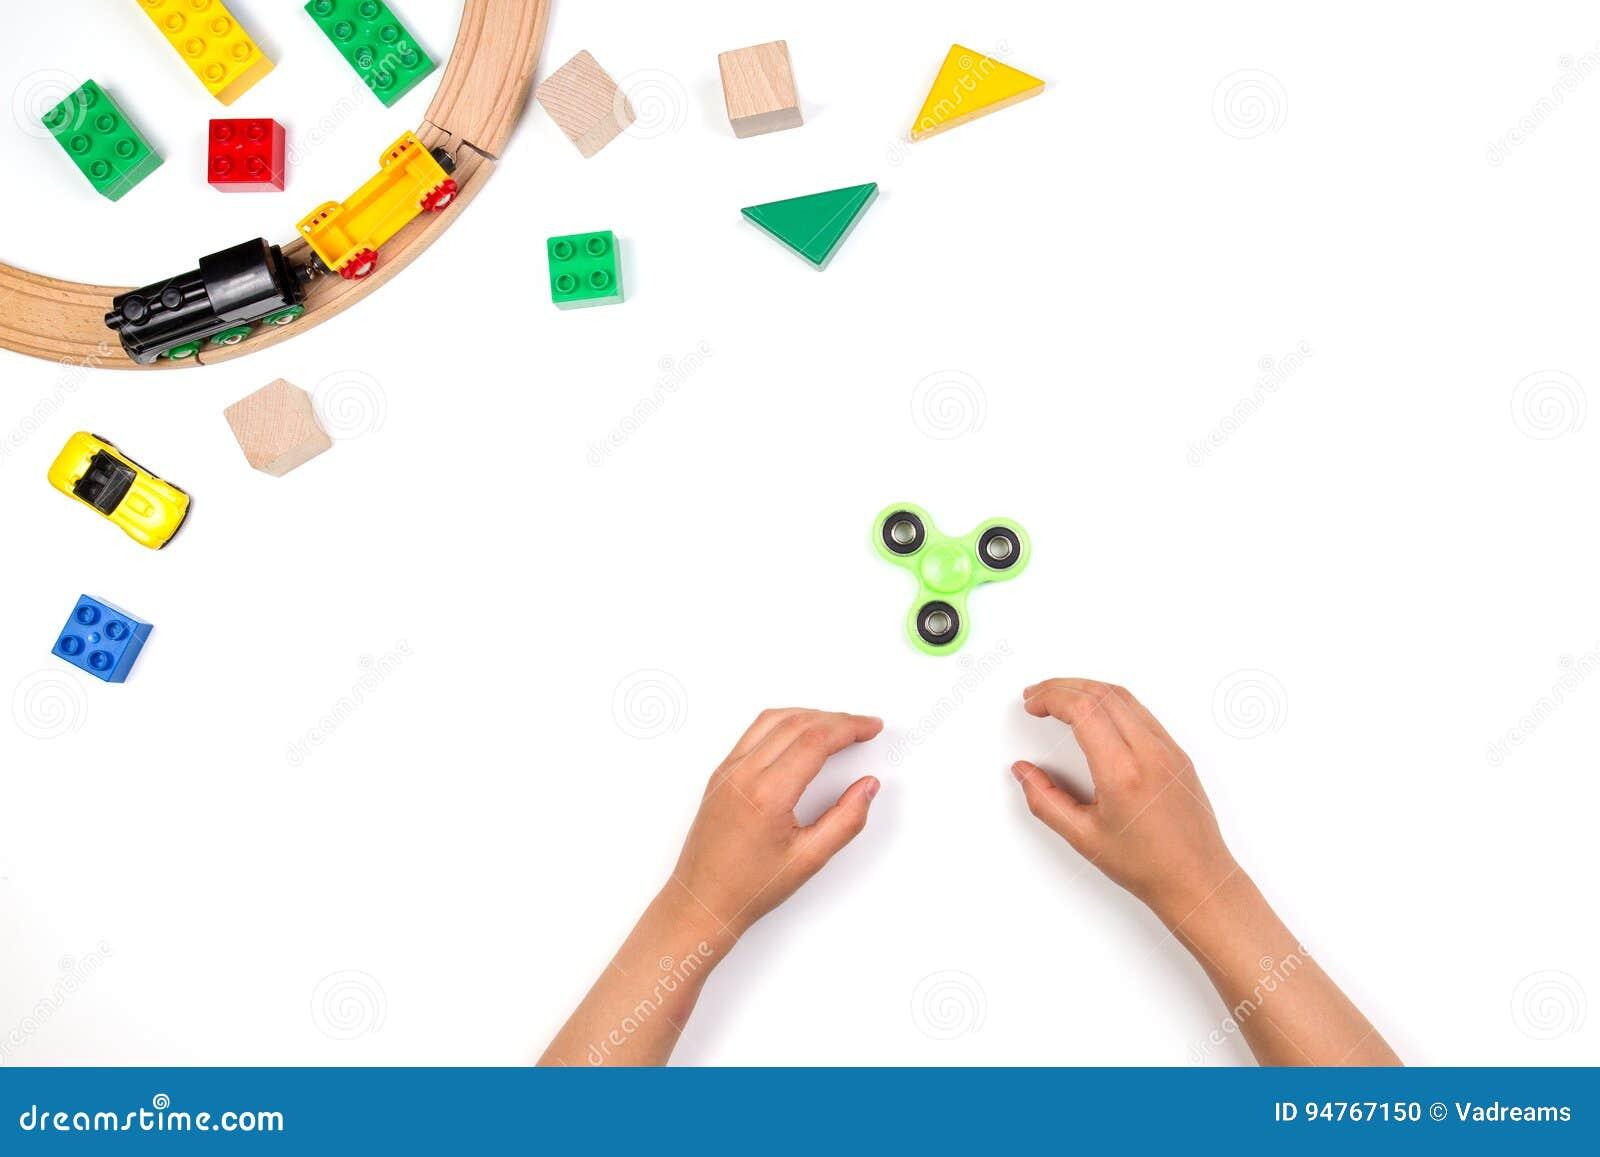 使用与坐立不安锭床工人玩具的孩子手 在白色背景的许多五颜六色的玩具